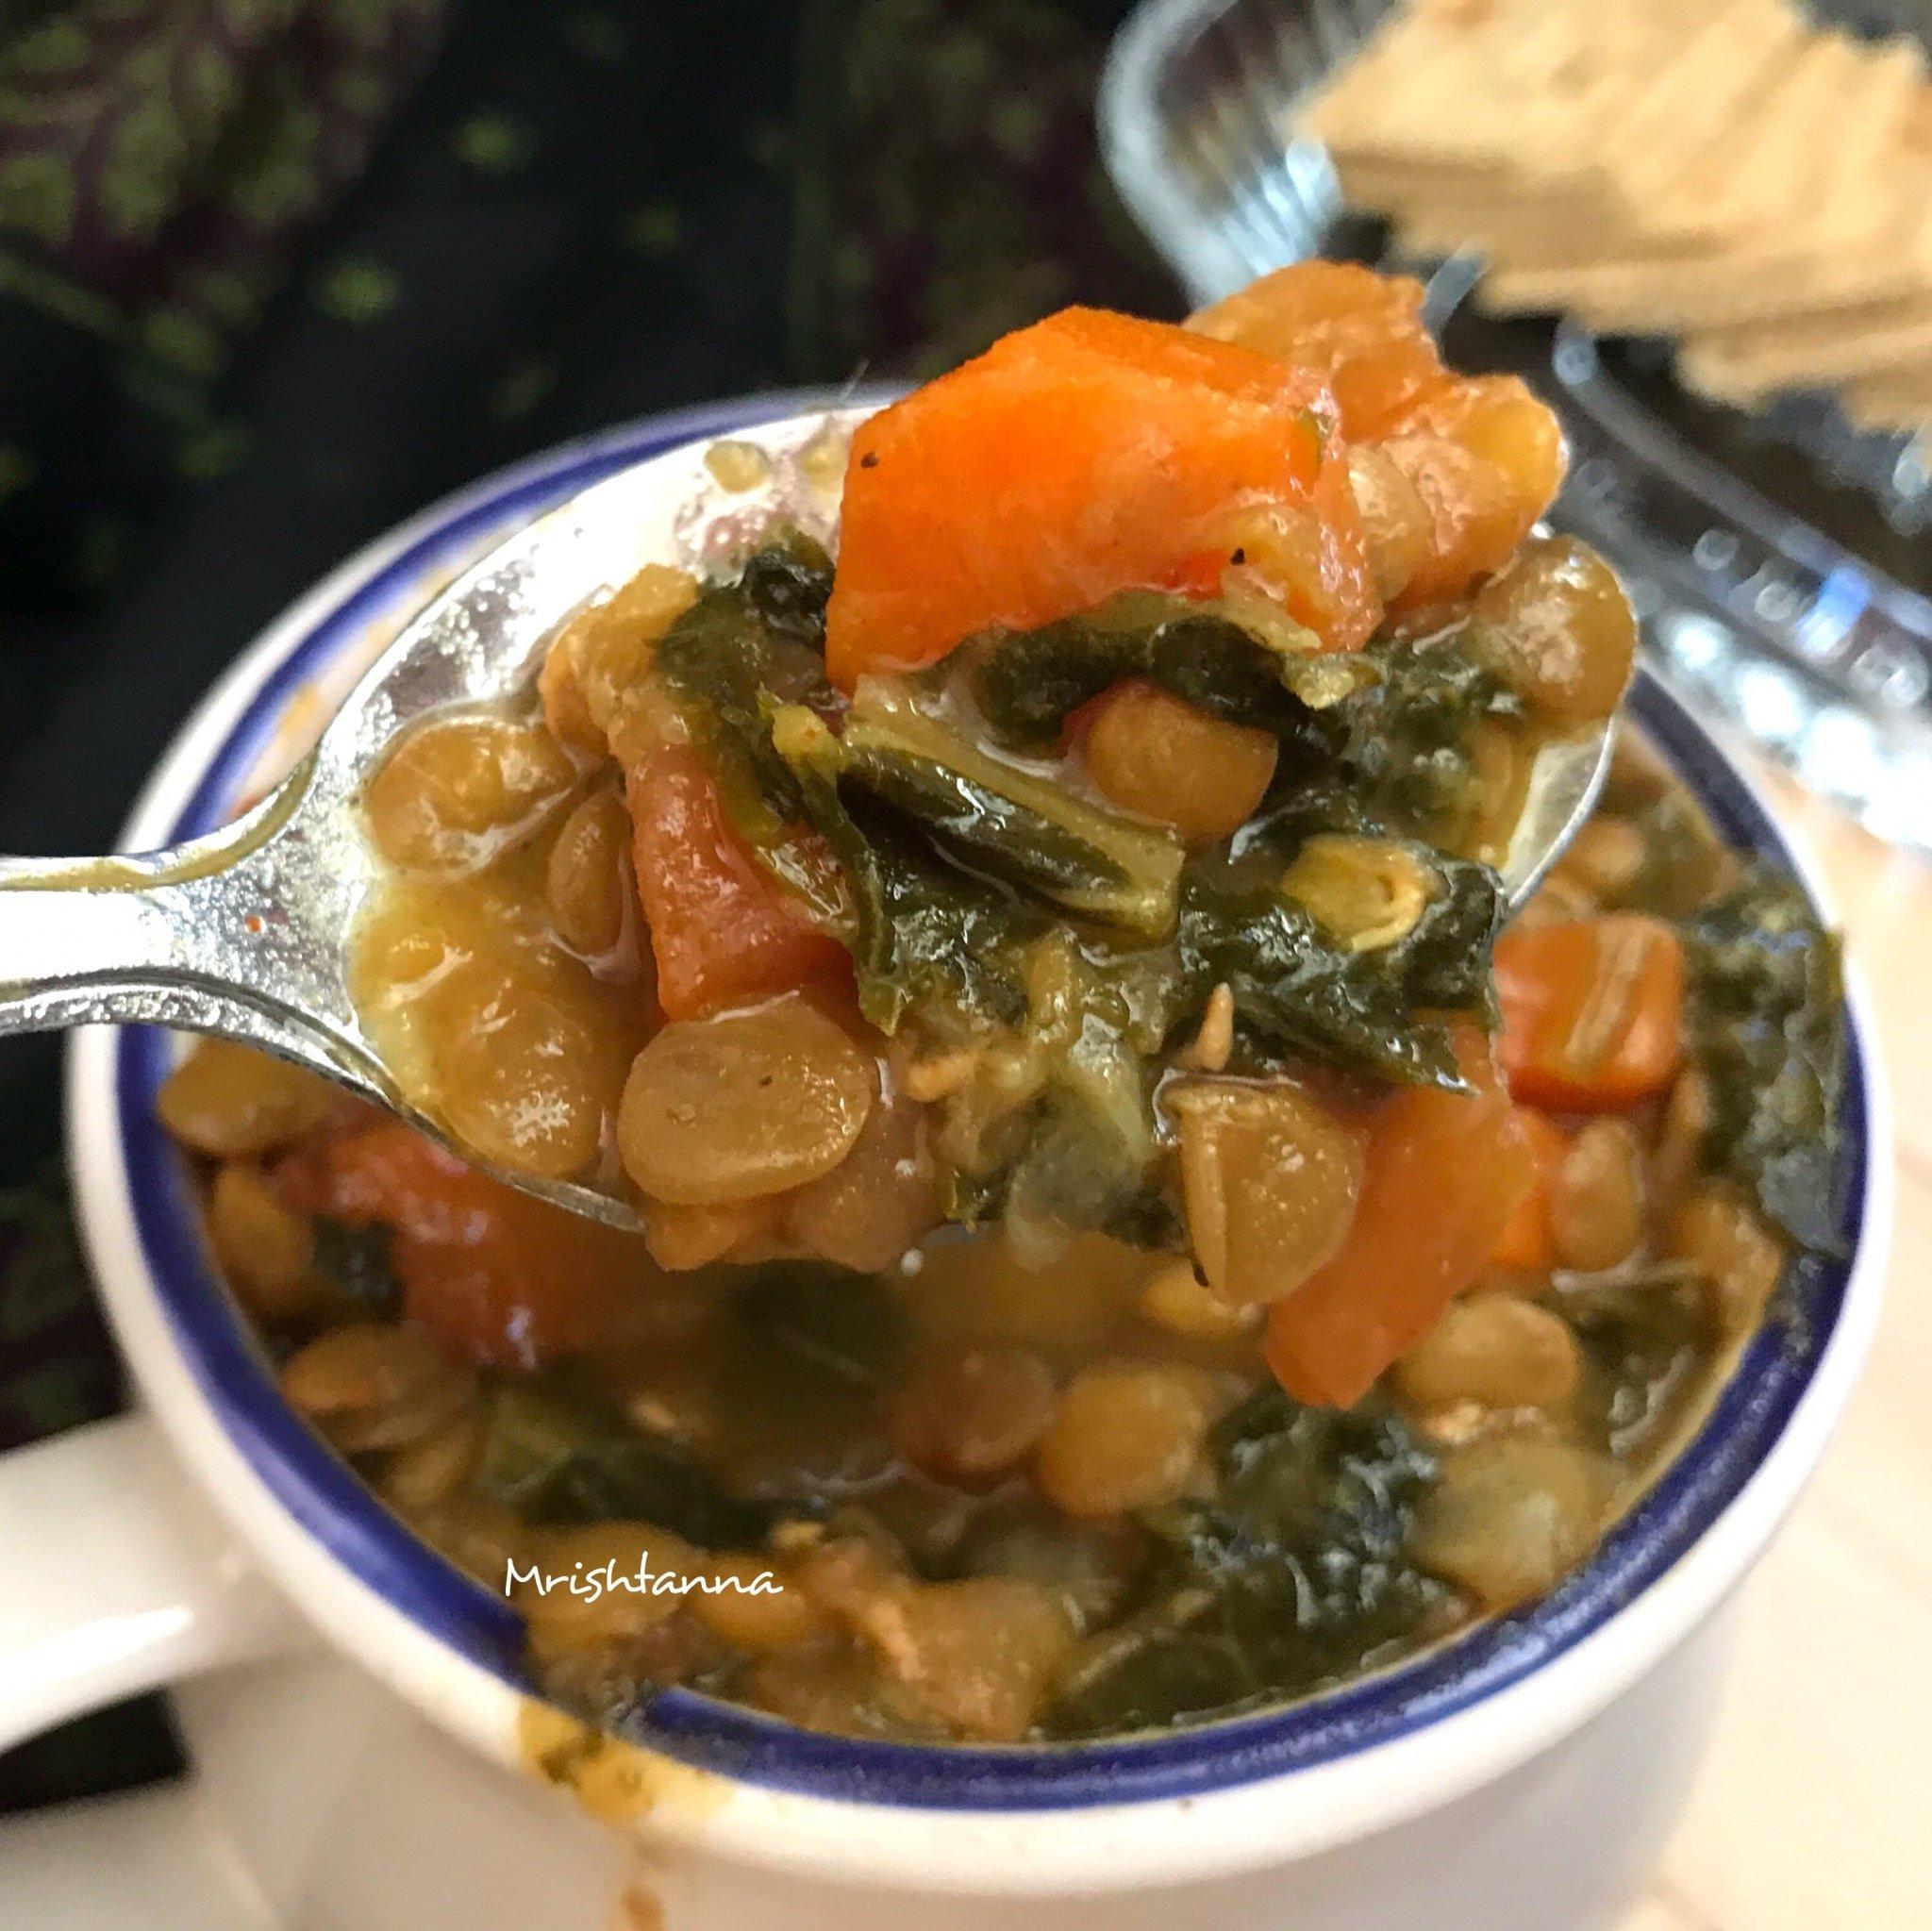 A bowl with Instant Pot Kale Lentil Soup